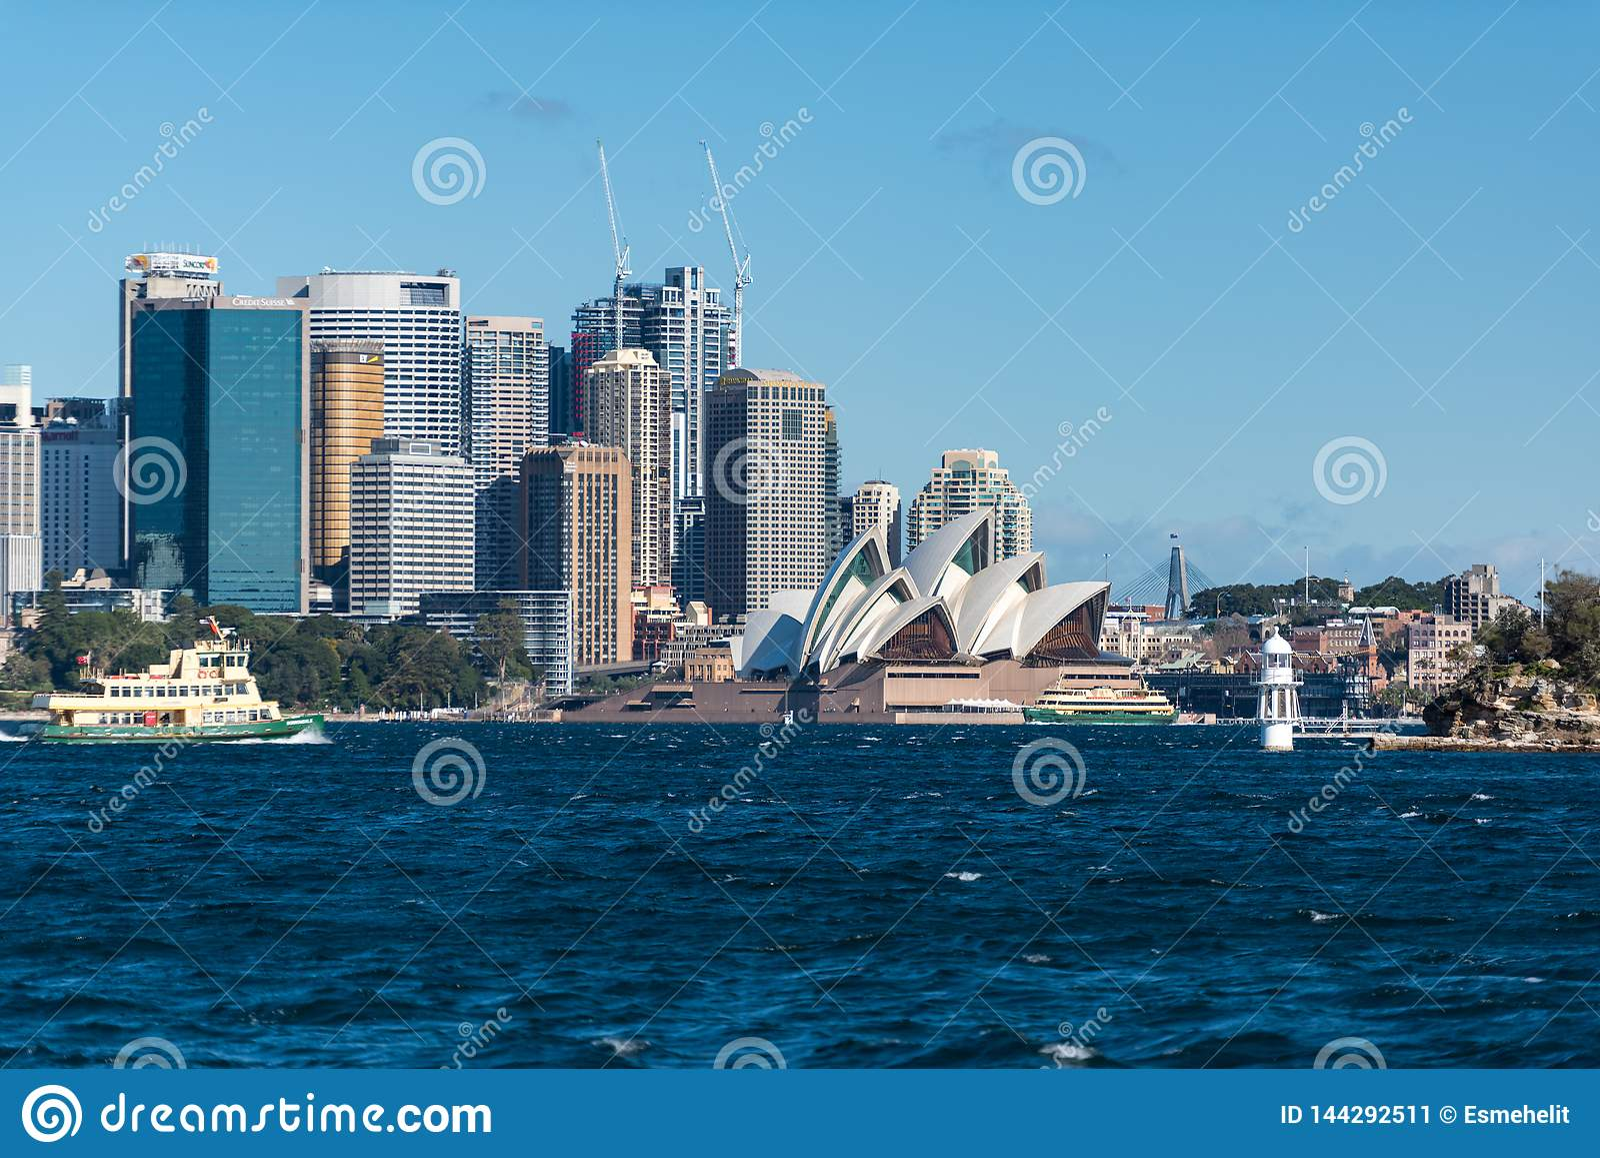 Сидней CBD и оперный театр Сиднея с паромом